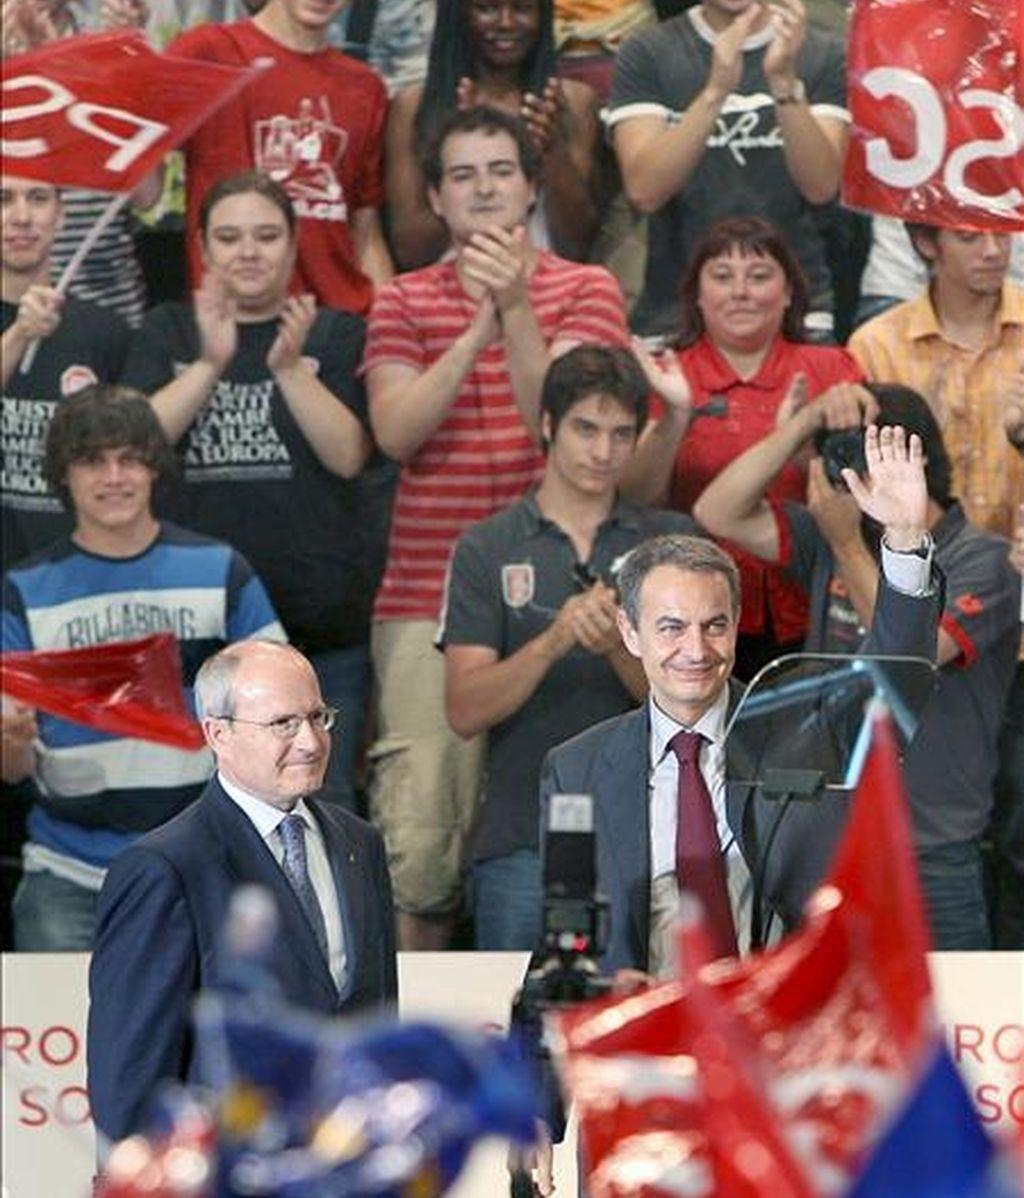 El presidente del Gobierno, José Luis Rodríguez Zapatero (d), y el presidente de la Generalitat, José Montilla, saludan durante el acto central de campaña del PSC que ha tenido lugar esta tarde en Barcelona. EFE